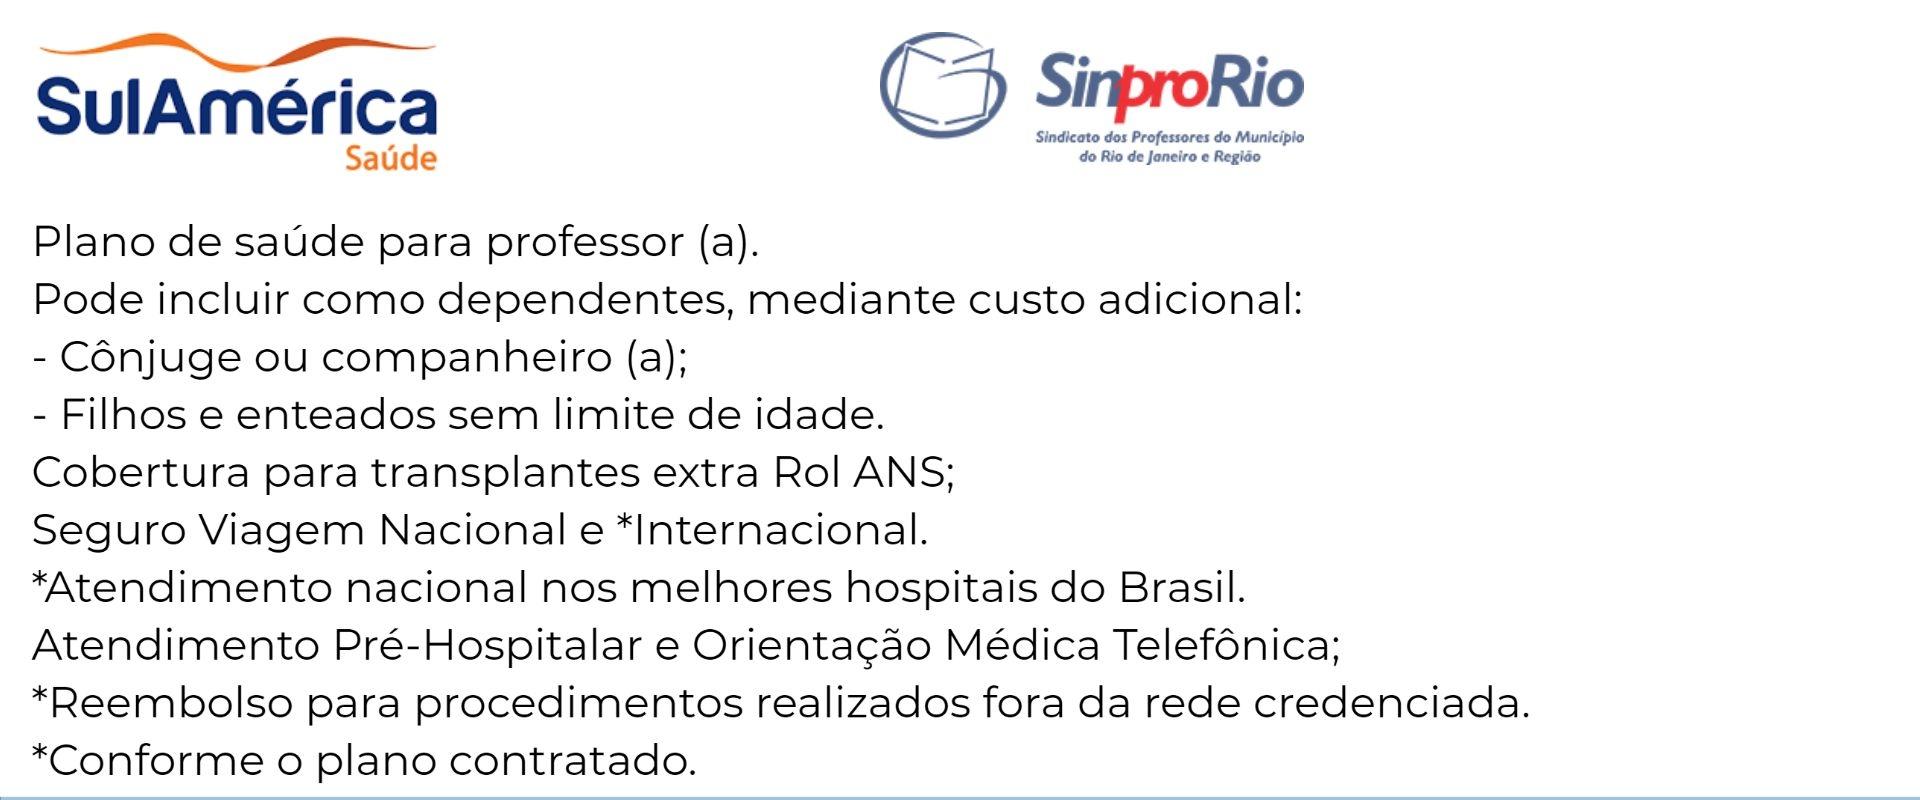 Sul América Sinpro-RJ